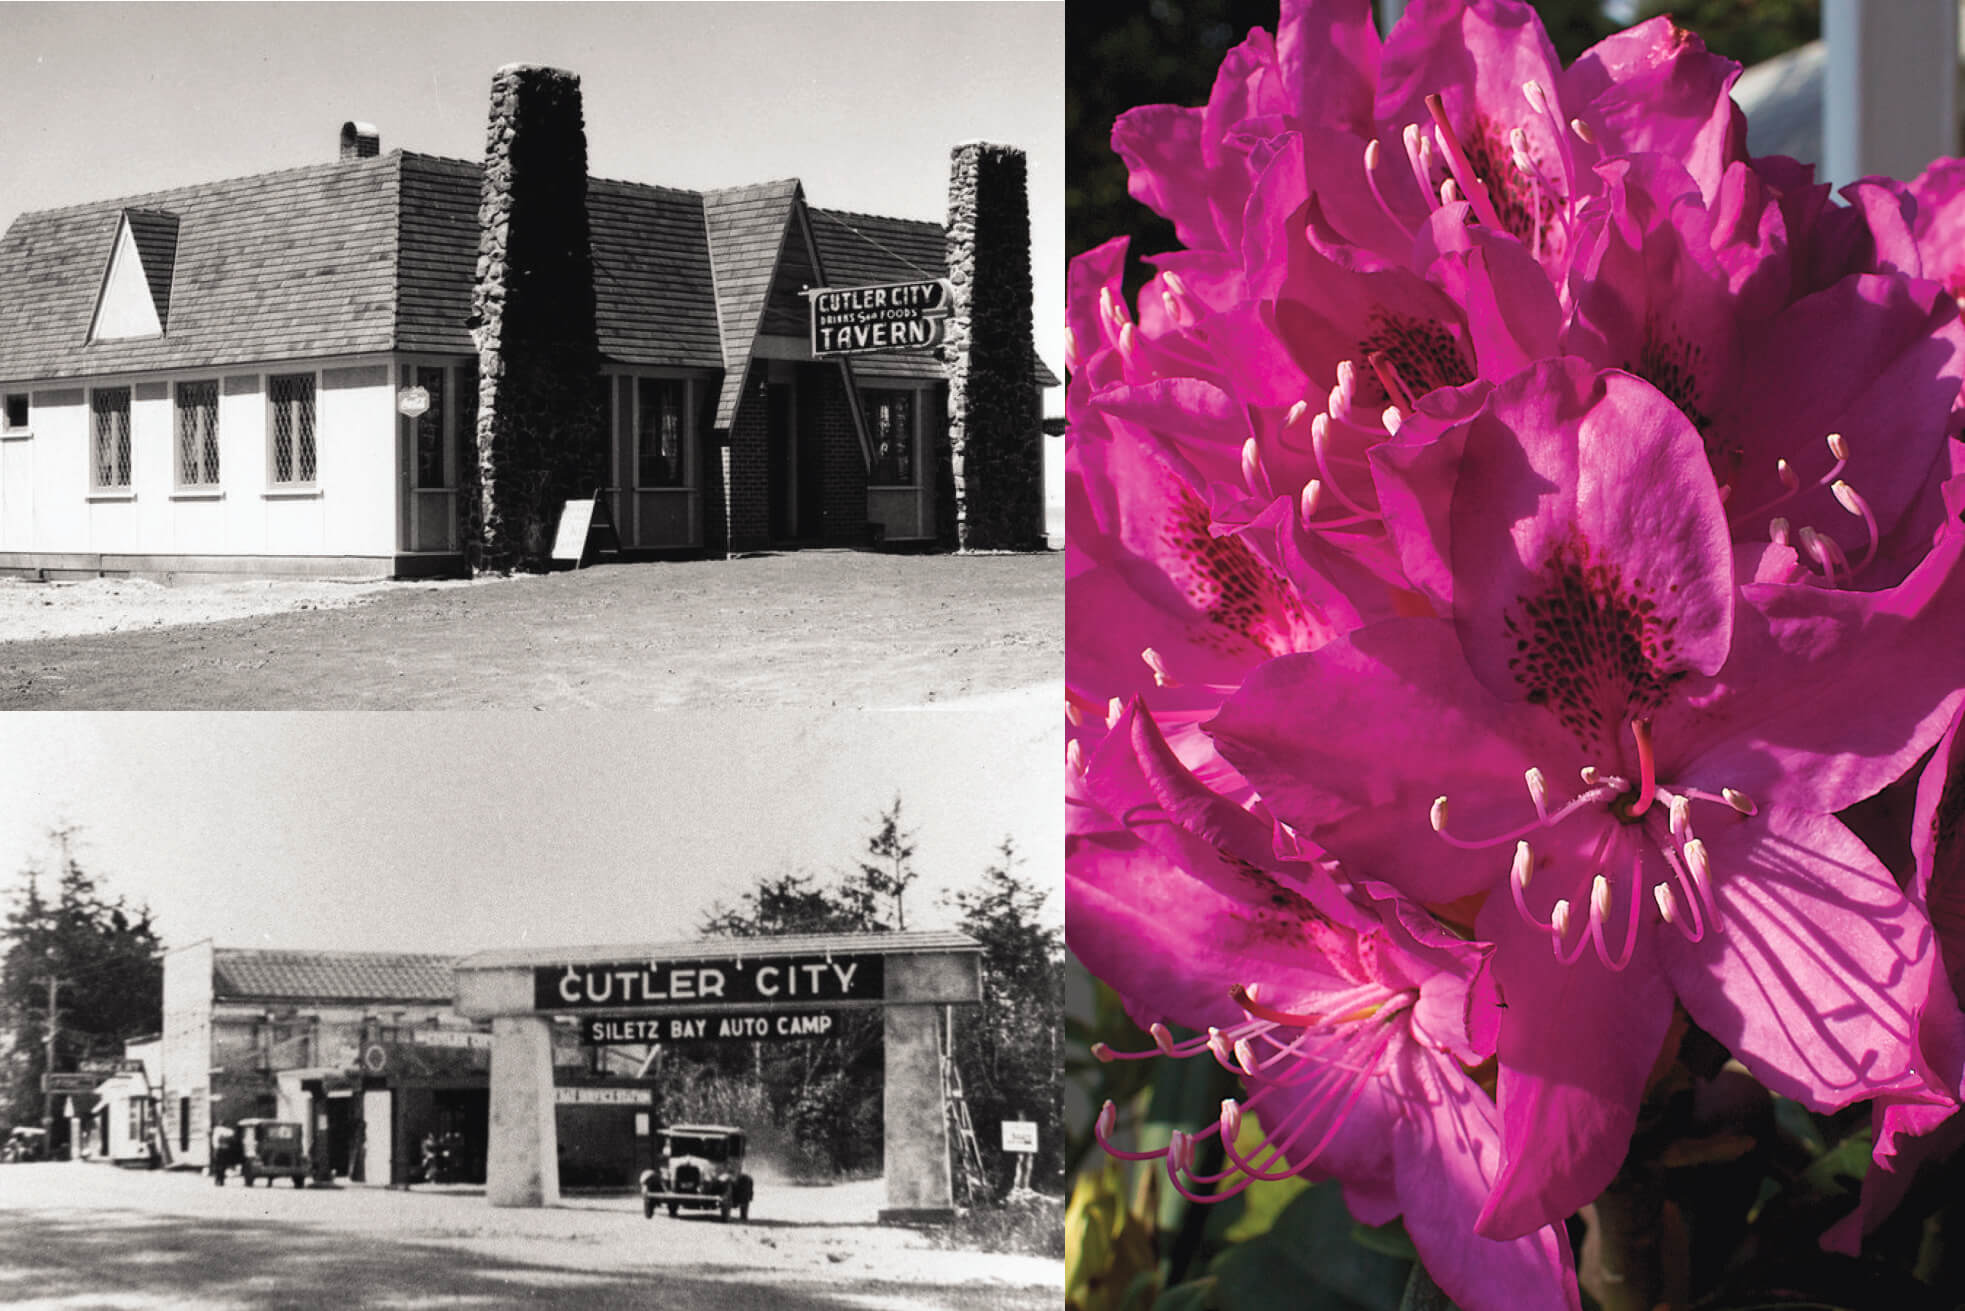 Lincoln City Cutler City Oregon